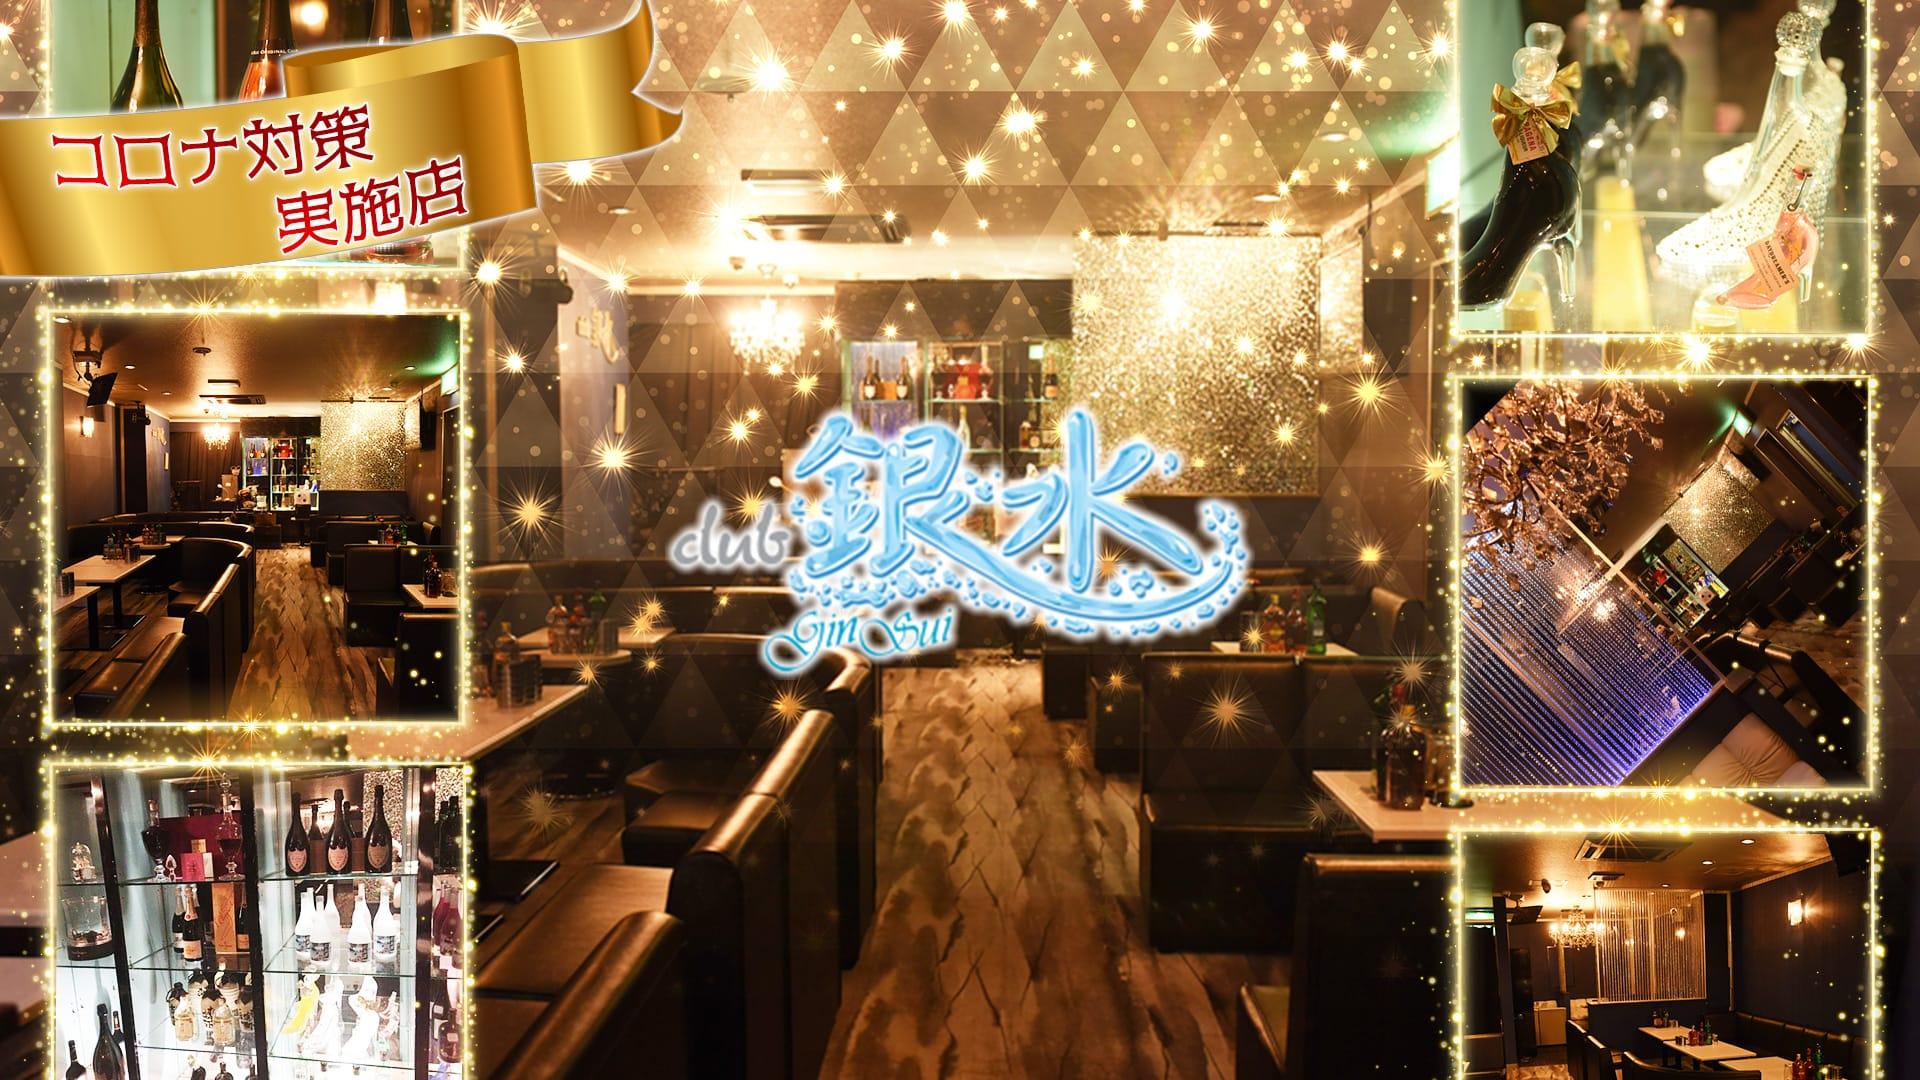 club 銀水(ギンスイ) 松本キャバクラ TOP画像